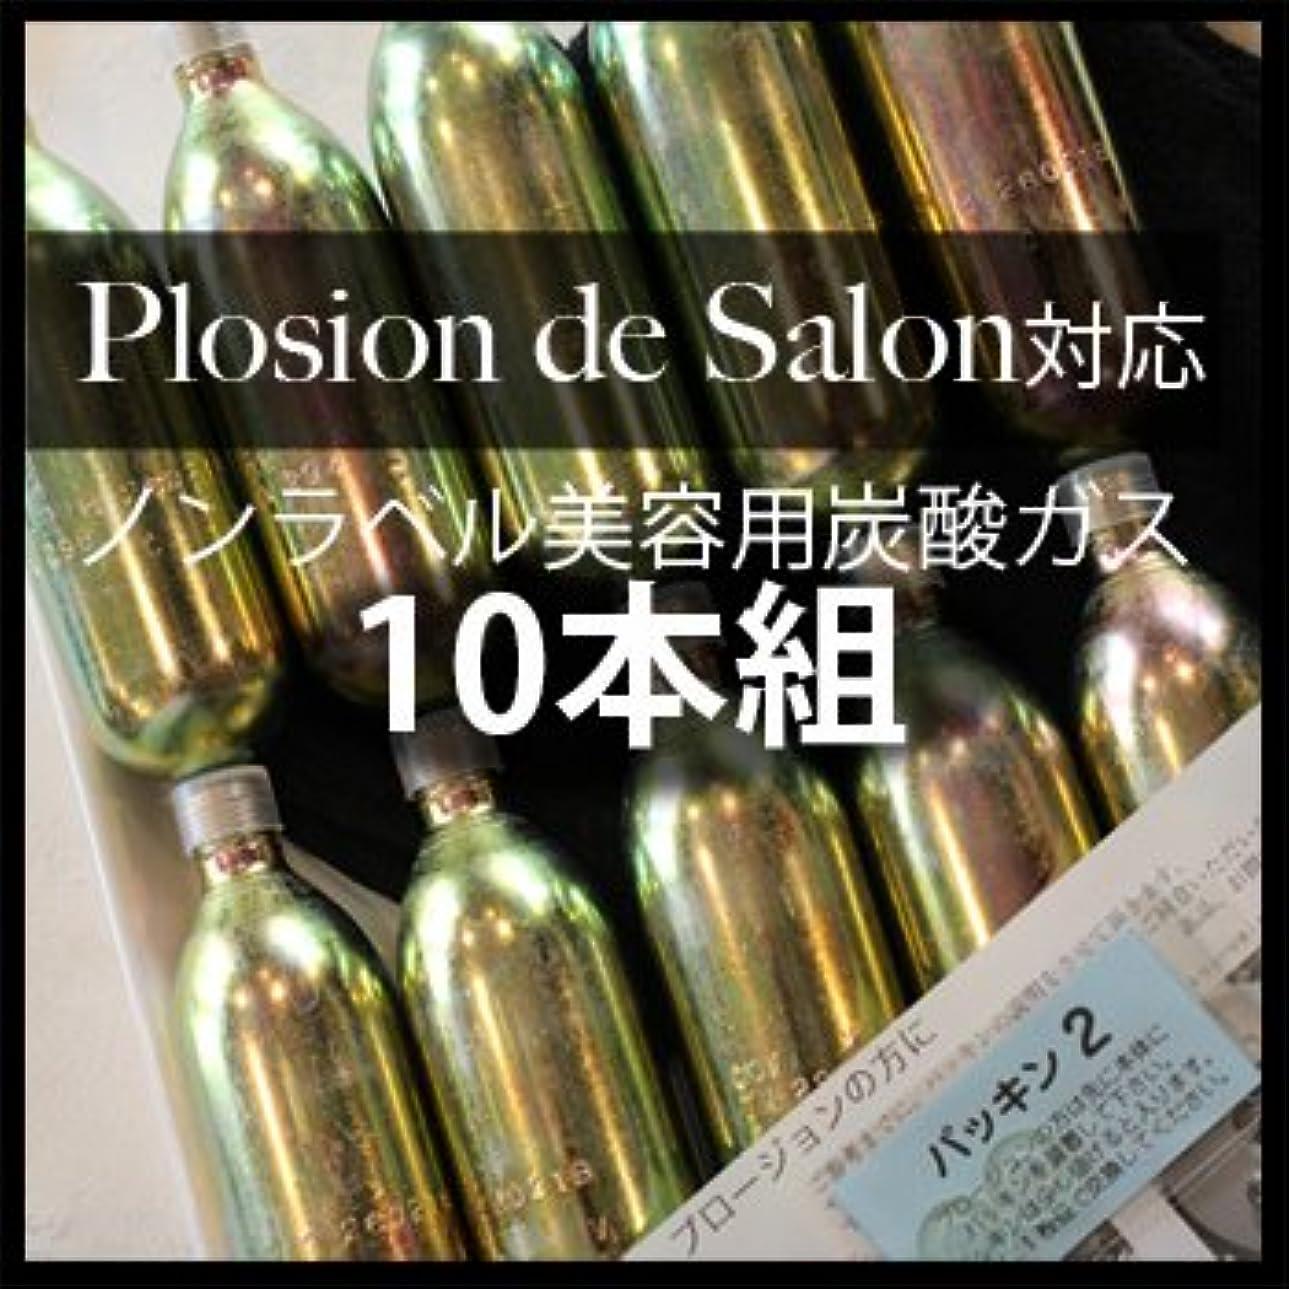 砂メッセージくぼみ炭酸ガスカートリッジ(Plosion de salon用)10本